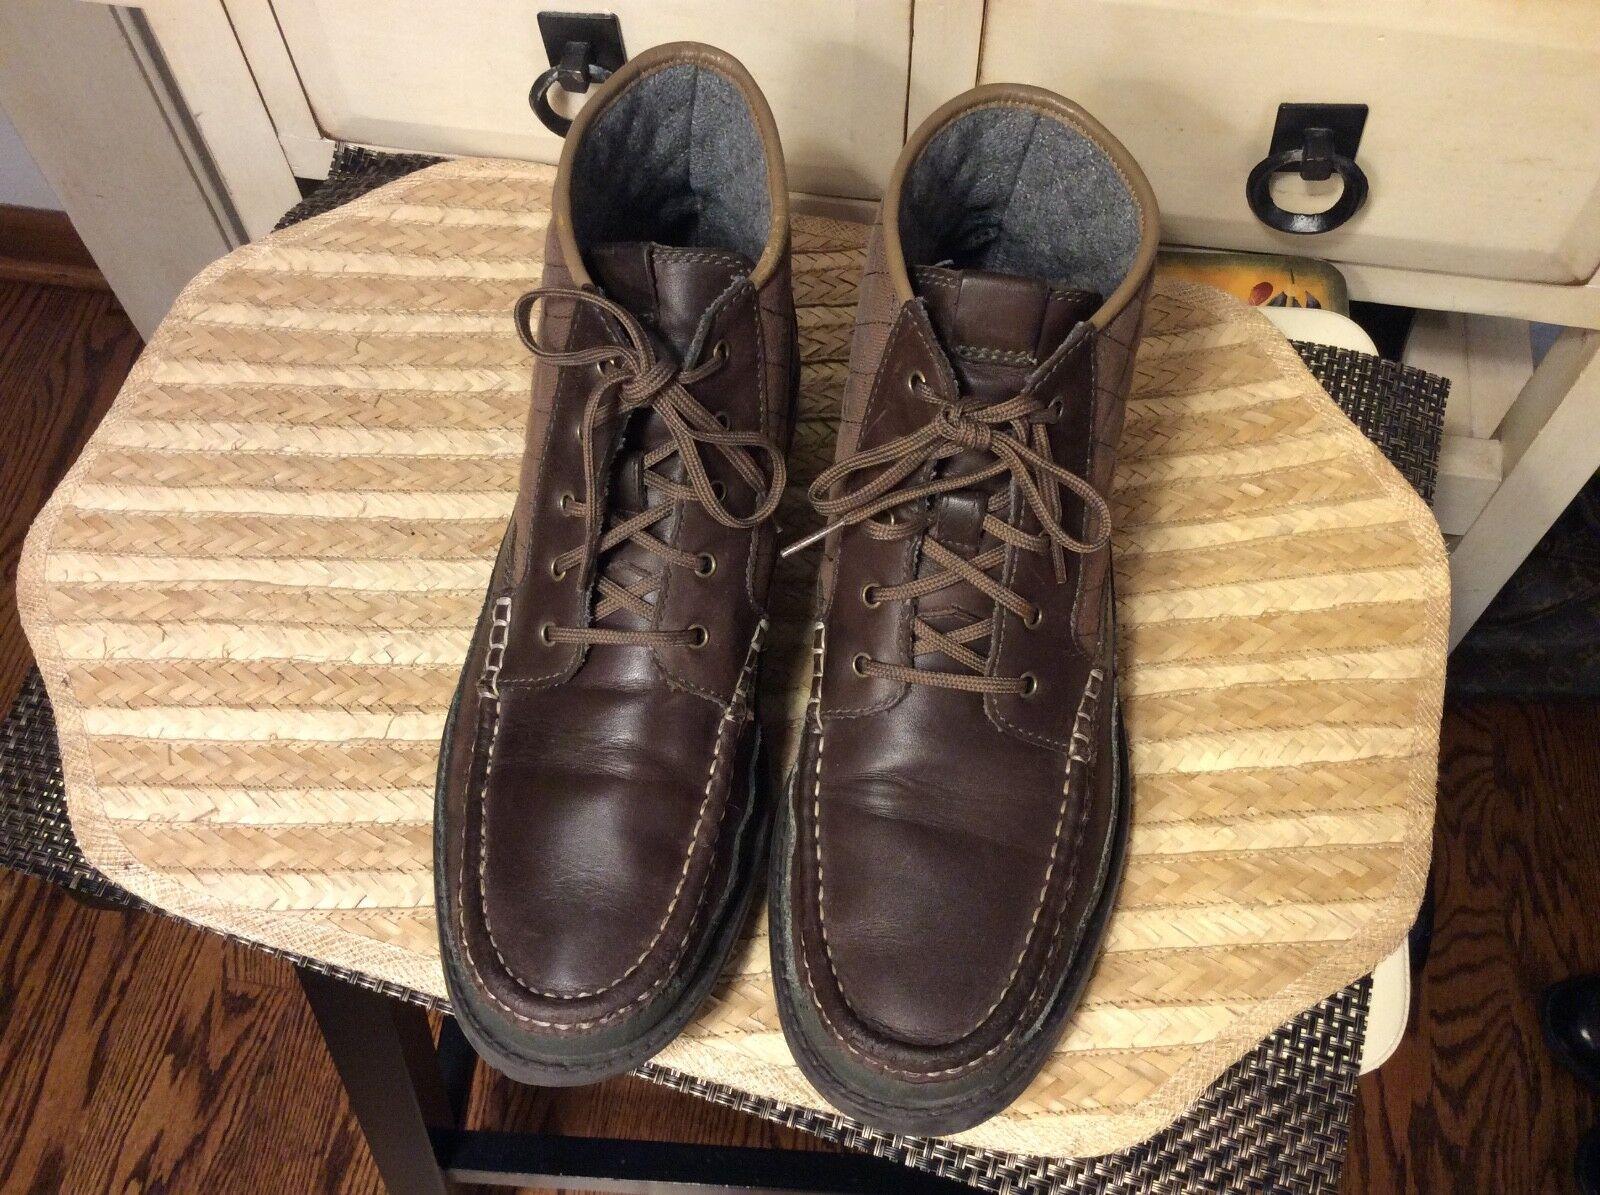 Cole Haan C20210 para hombre de cuero marrón oscuro 9.5 M botas al Tobillo Chukka